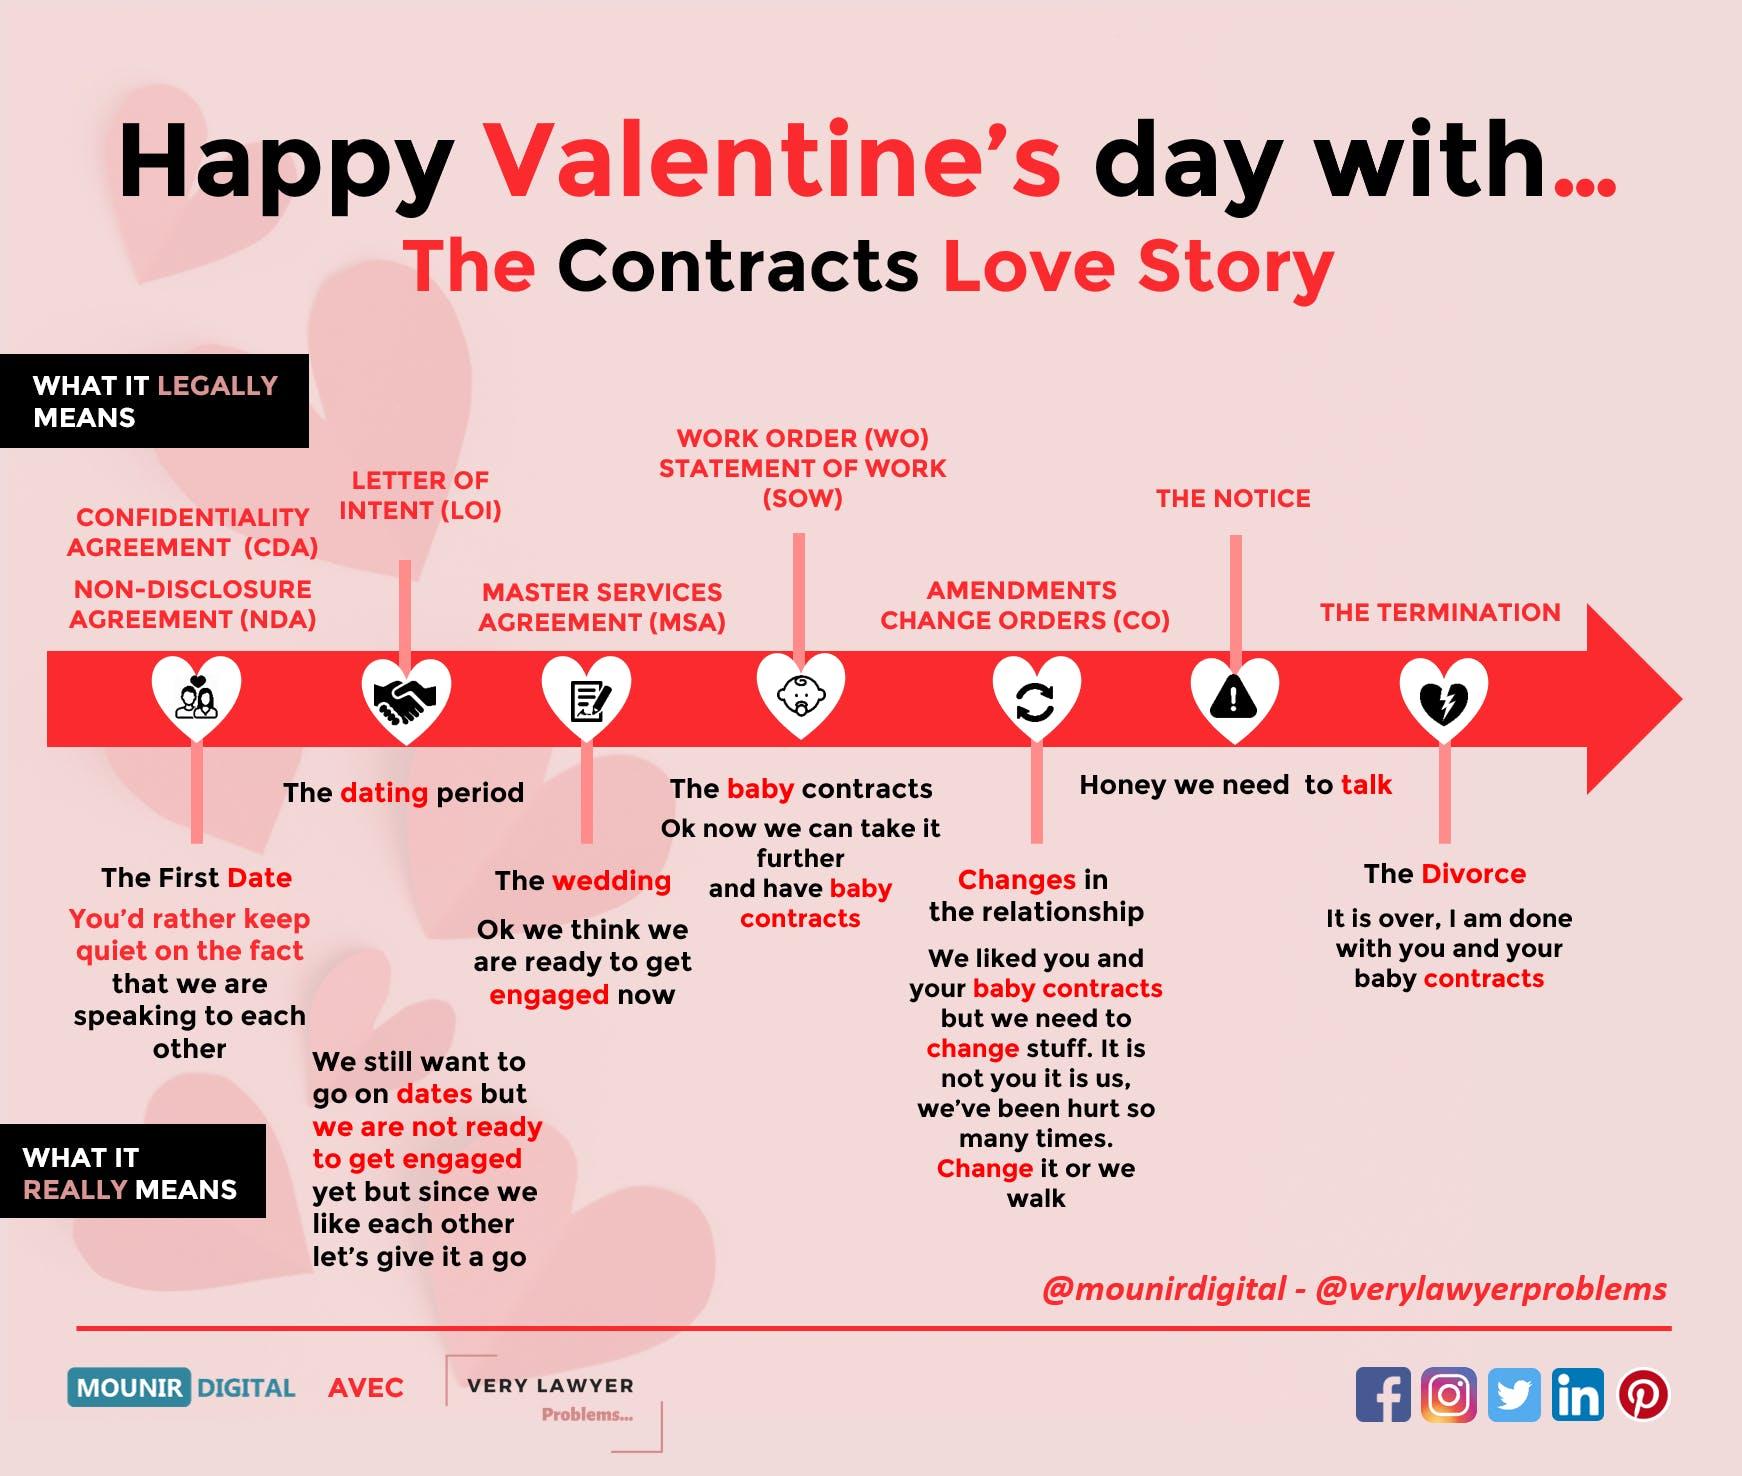 Exemple de Legal Design pour la Saint Valentin